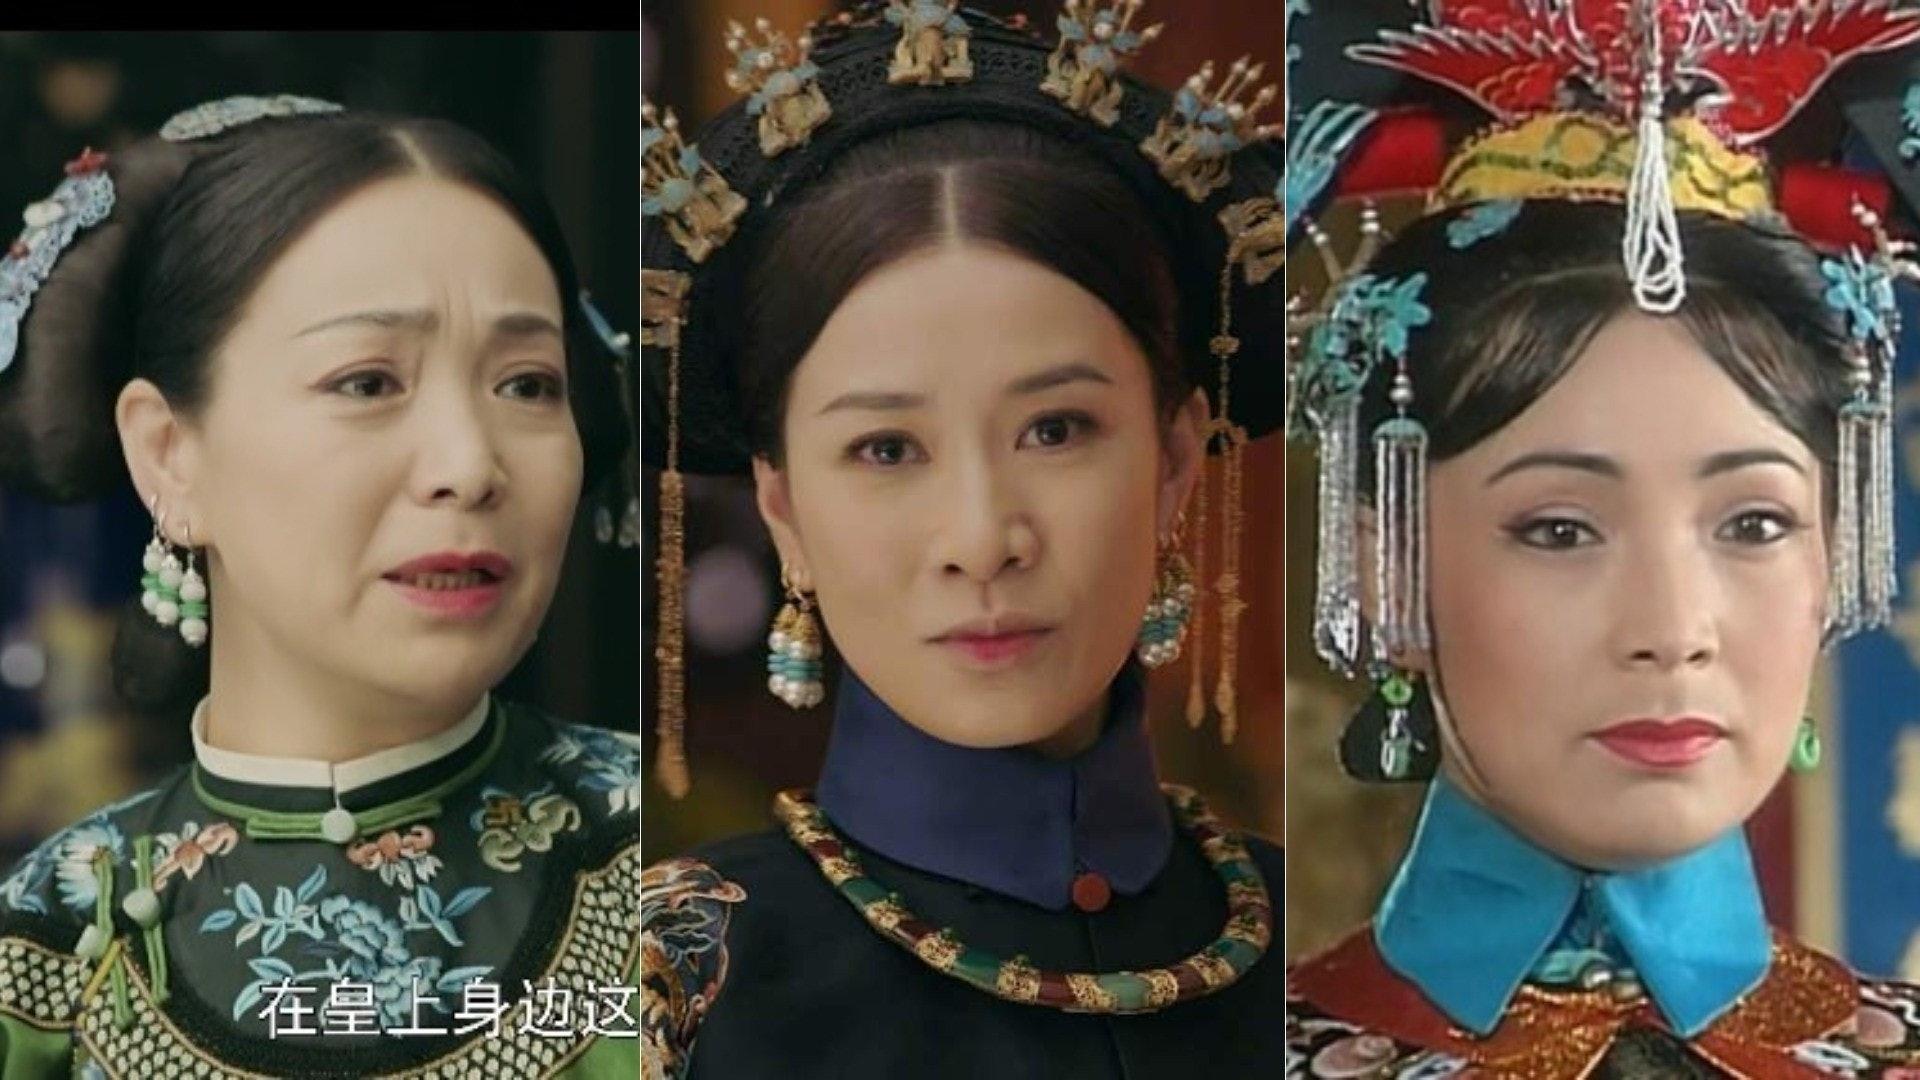 在《還珠格格》中,扮演皇后的戴春榮,相隔20年,在《延禧攻略》中扮演嫻妃的媽媽,令人不禁將兩套劇串聯起來。(網絡圖片)